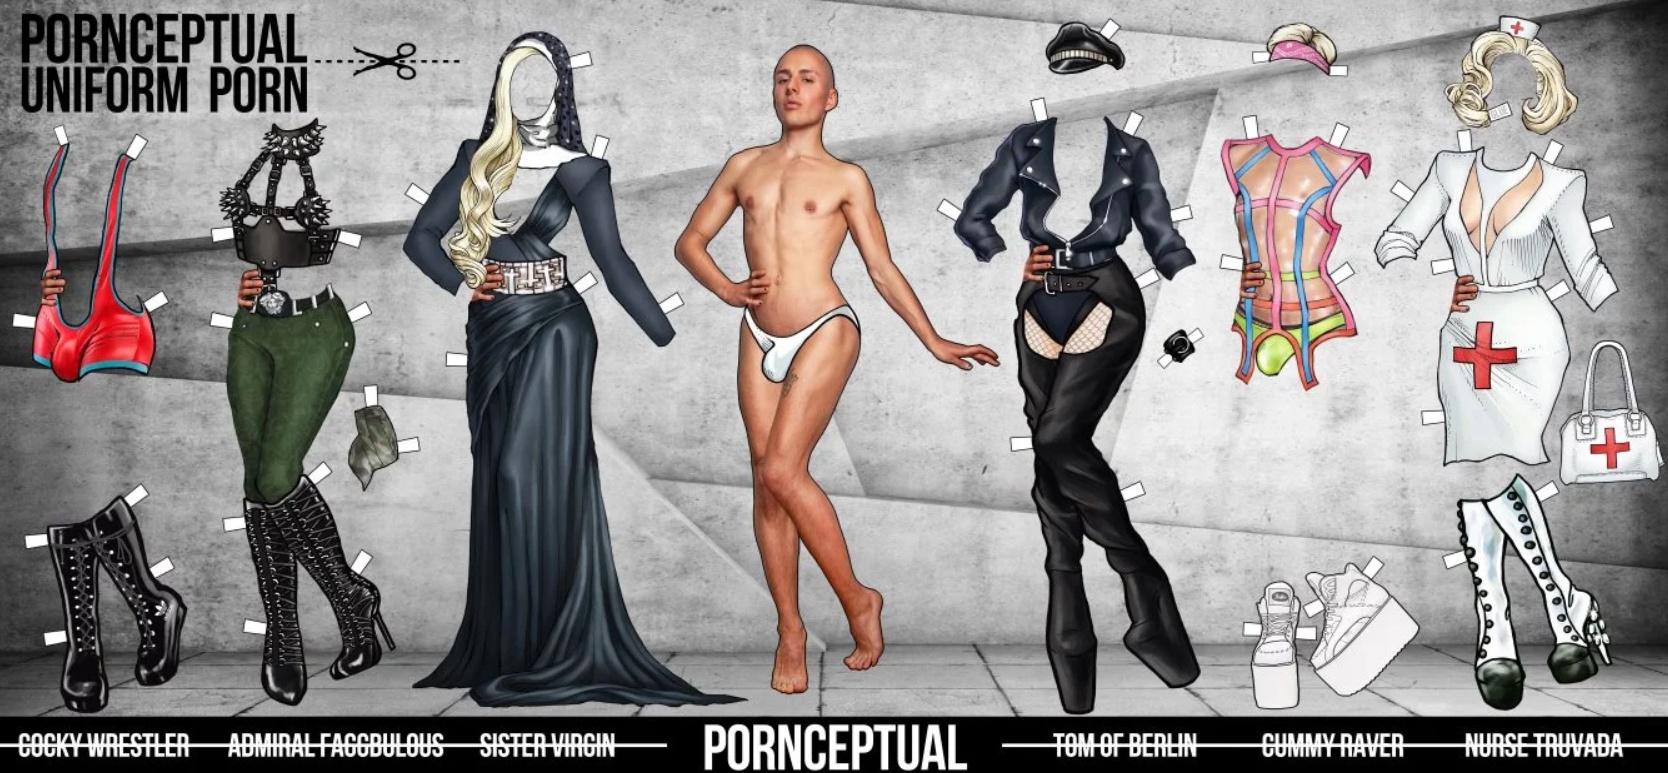 legjobb kakasok pornóban leszbikus fasz pornó képek